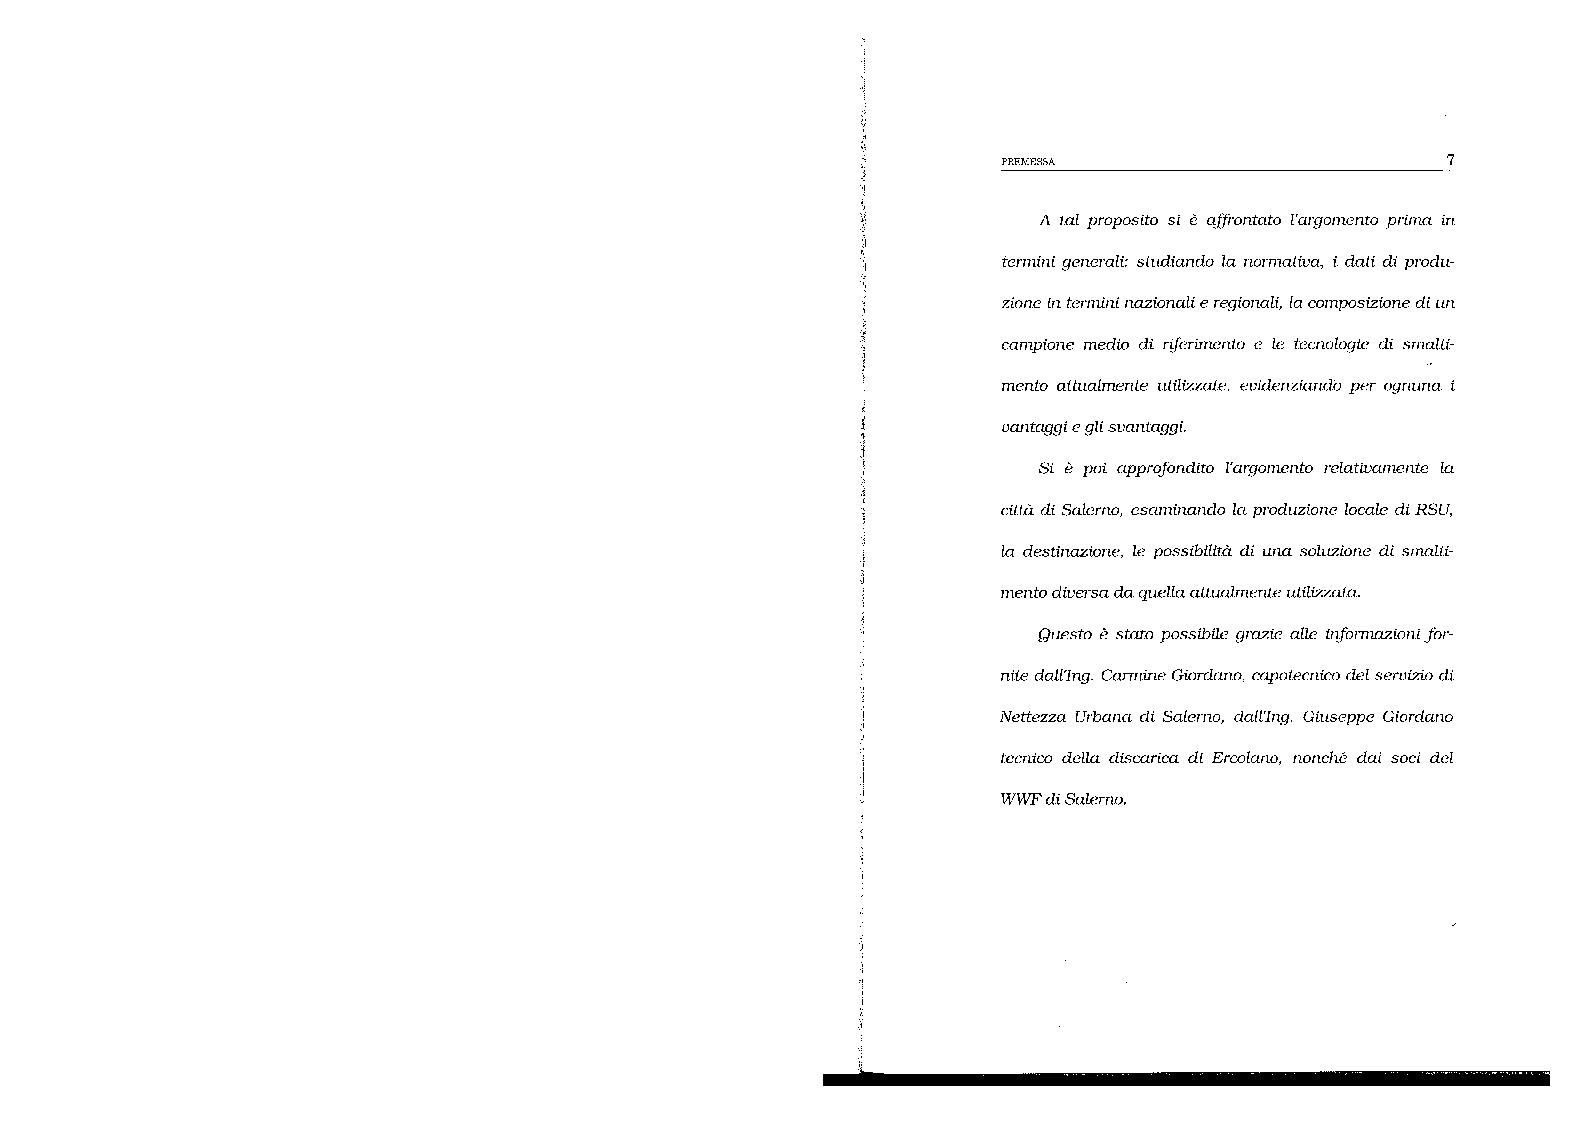 Anteprima della tesi: Lo smaltimento dei rifiuti solidi urbani. Situazioni e prospettive nella città di Salerno., Pagina 4